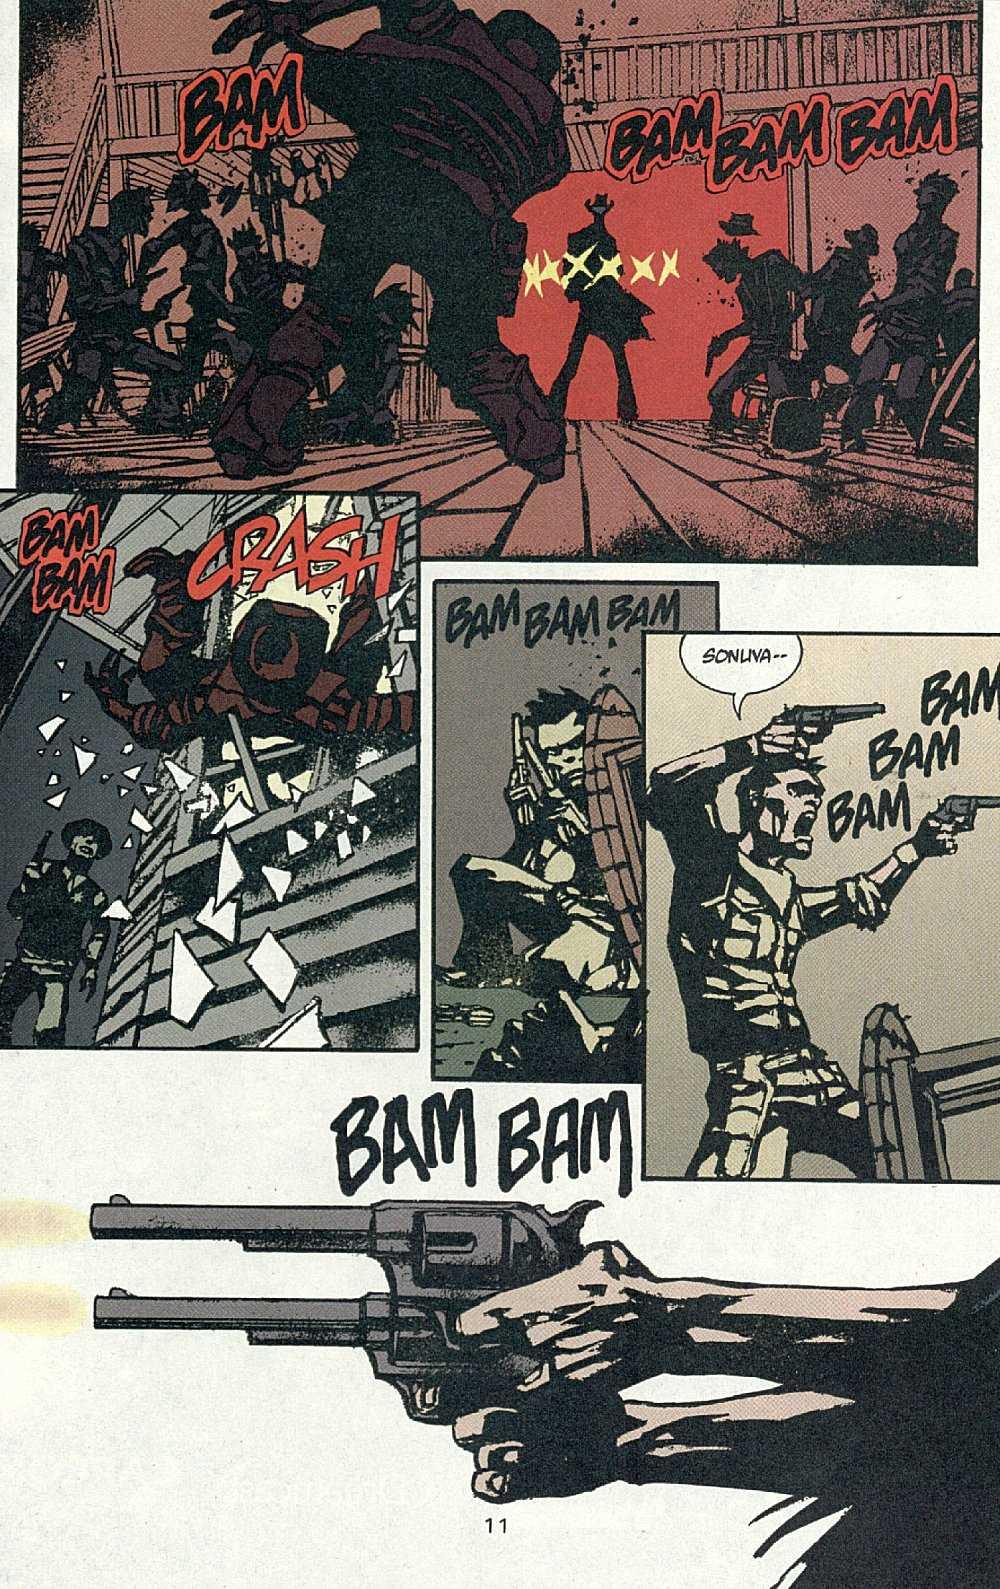 El Diablo (2001) #1 pg.14, lettered by Clem Robins.